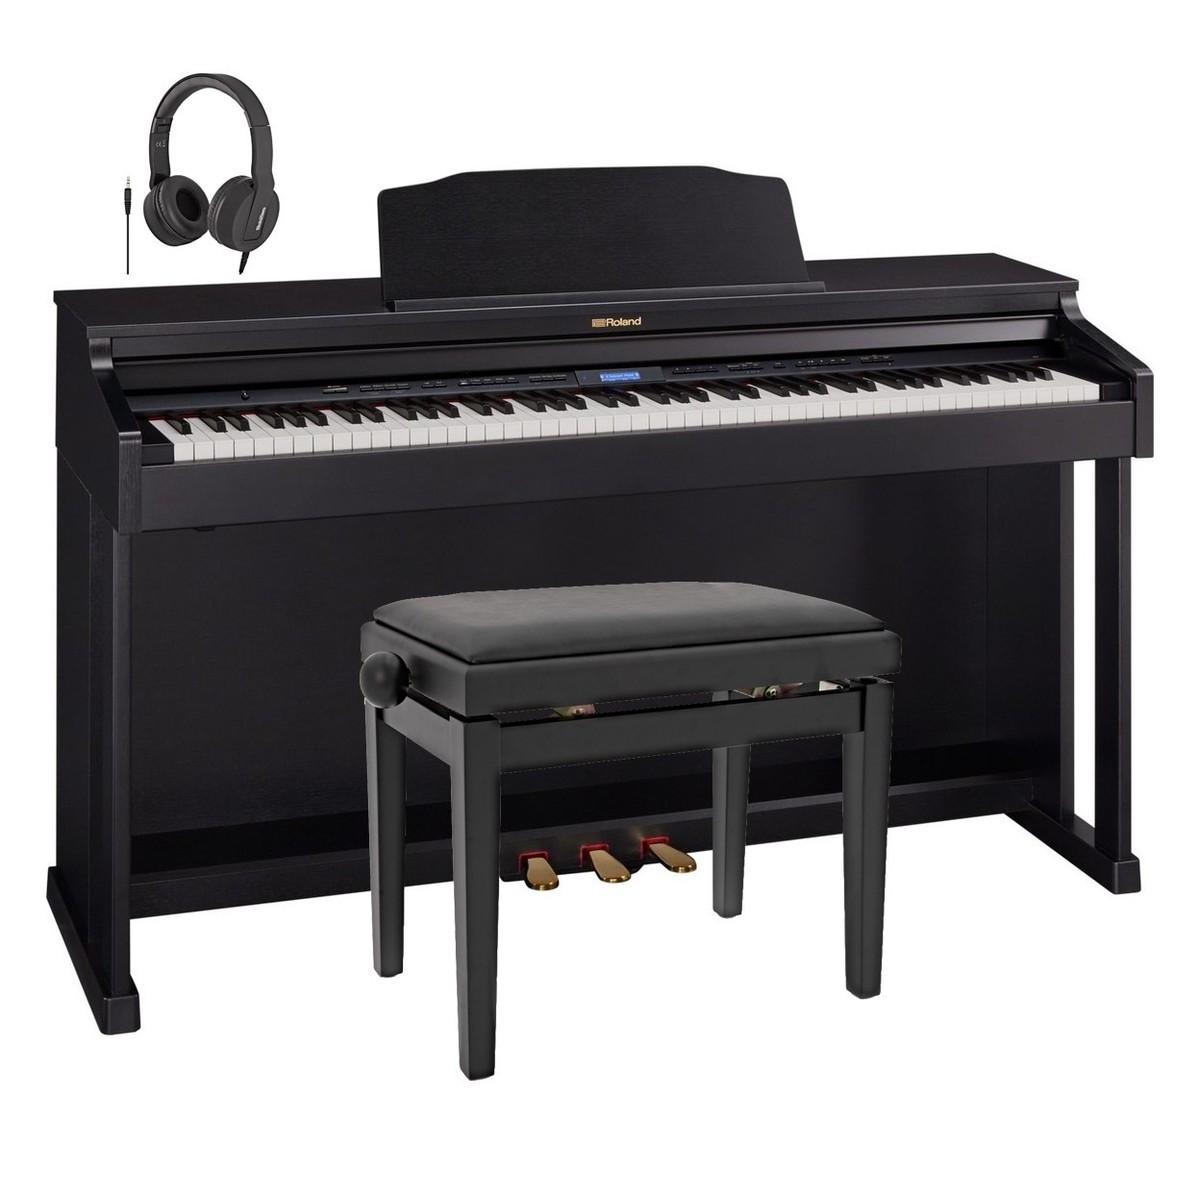 Roland Hp601 Digital Piano : roland hp601 digital piano contemporary black package at gear4music ~ Hamham.info Haus und Dekorationen